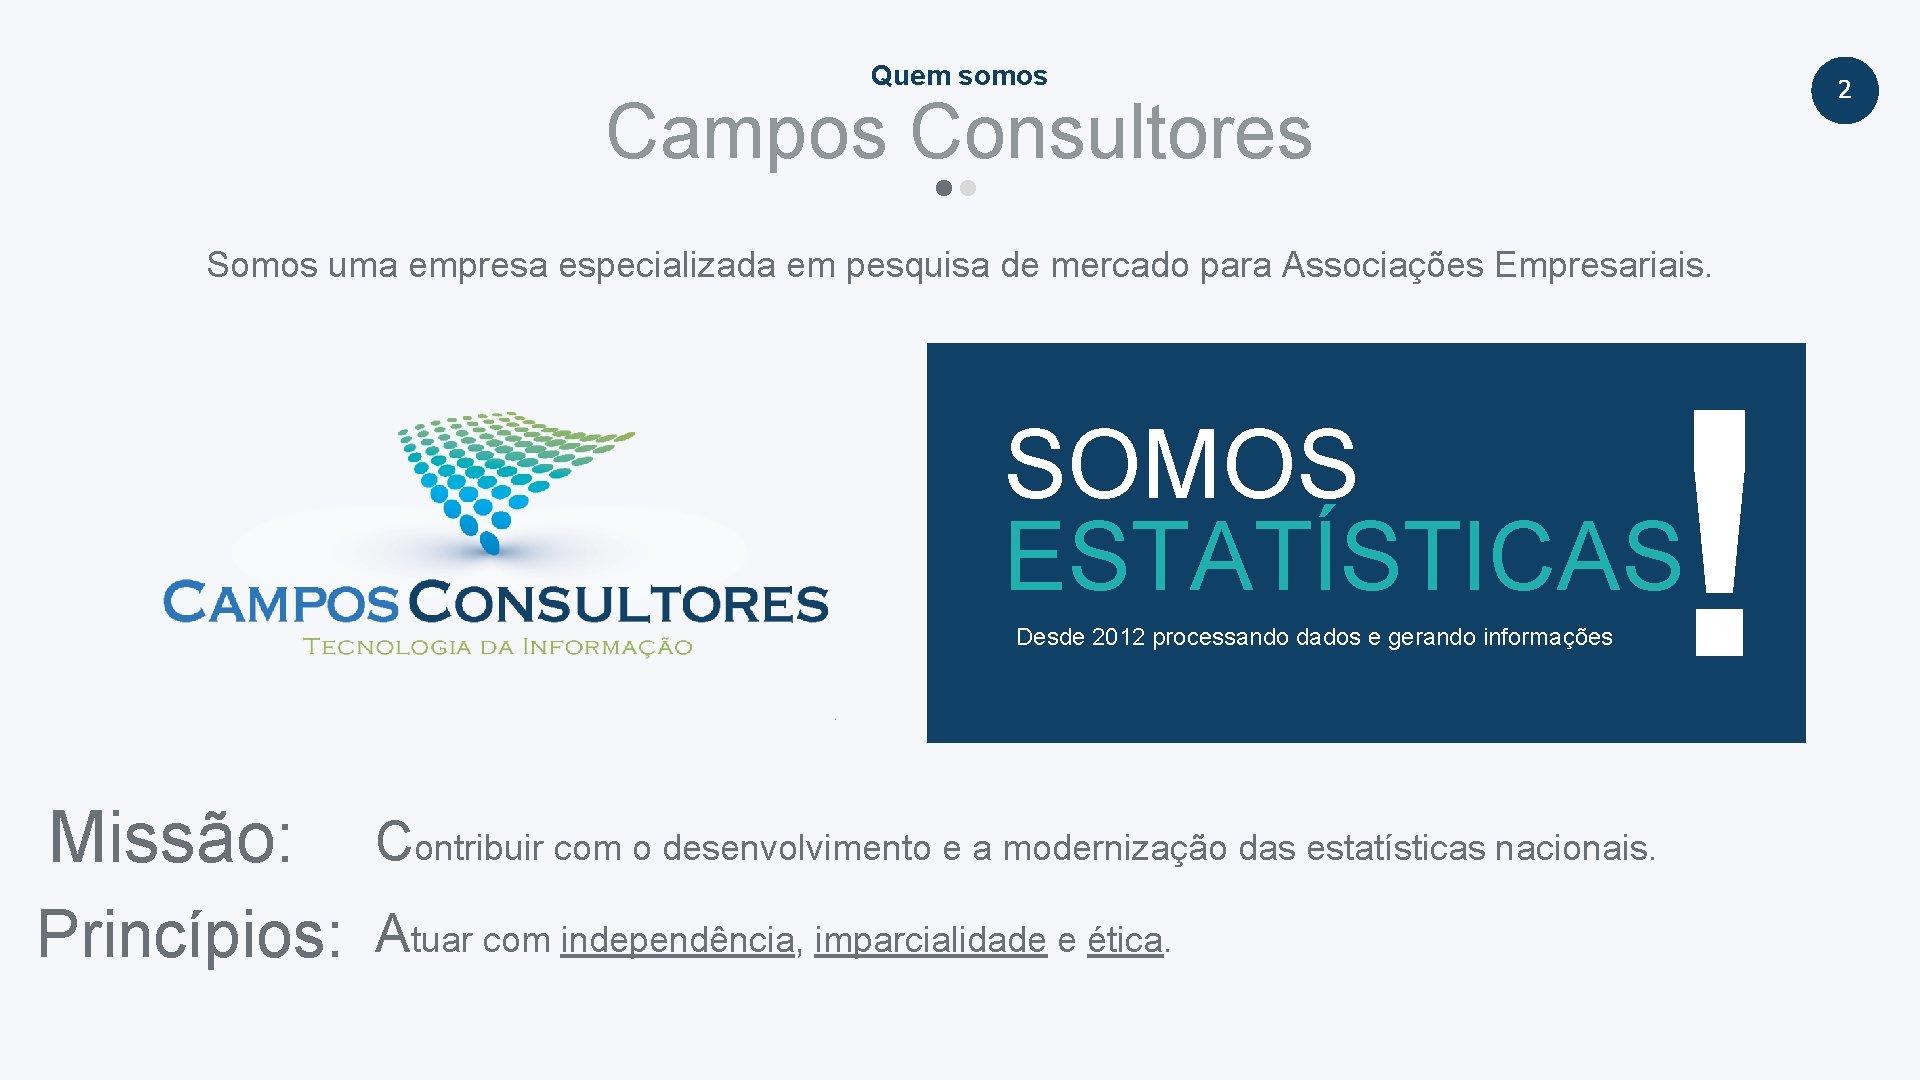 Quem somos 2 Campos Consultores Somos uma empresa especializada em pesquisa de mercado para